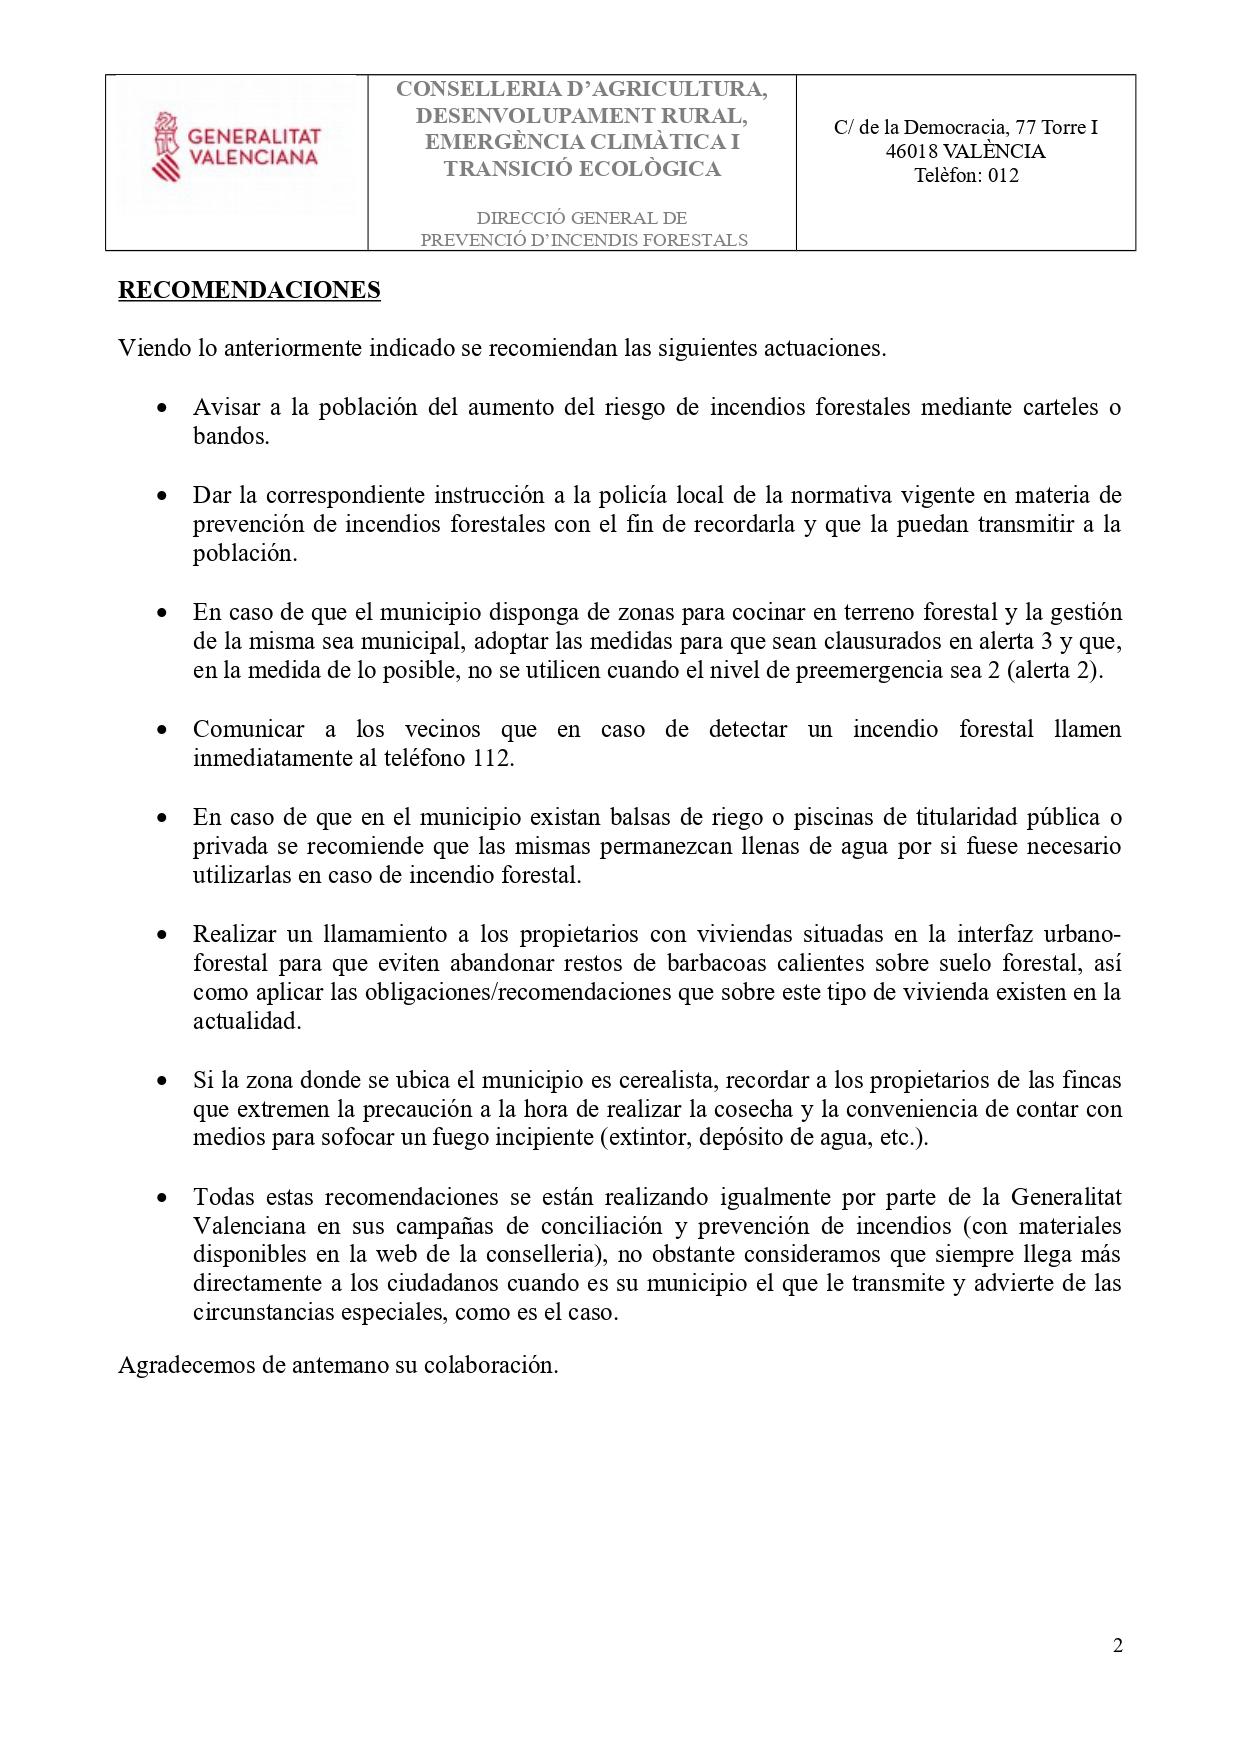 Boletín_especial_20190627_page-0002.jpg